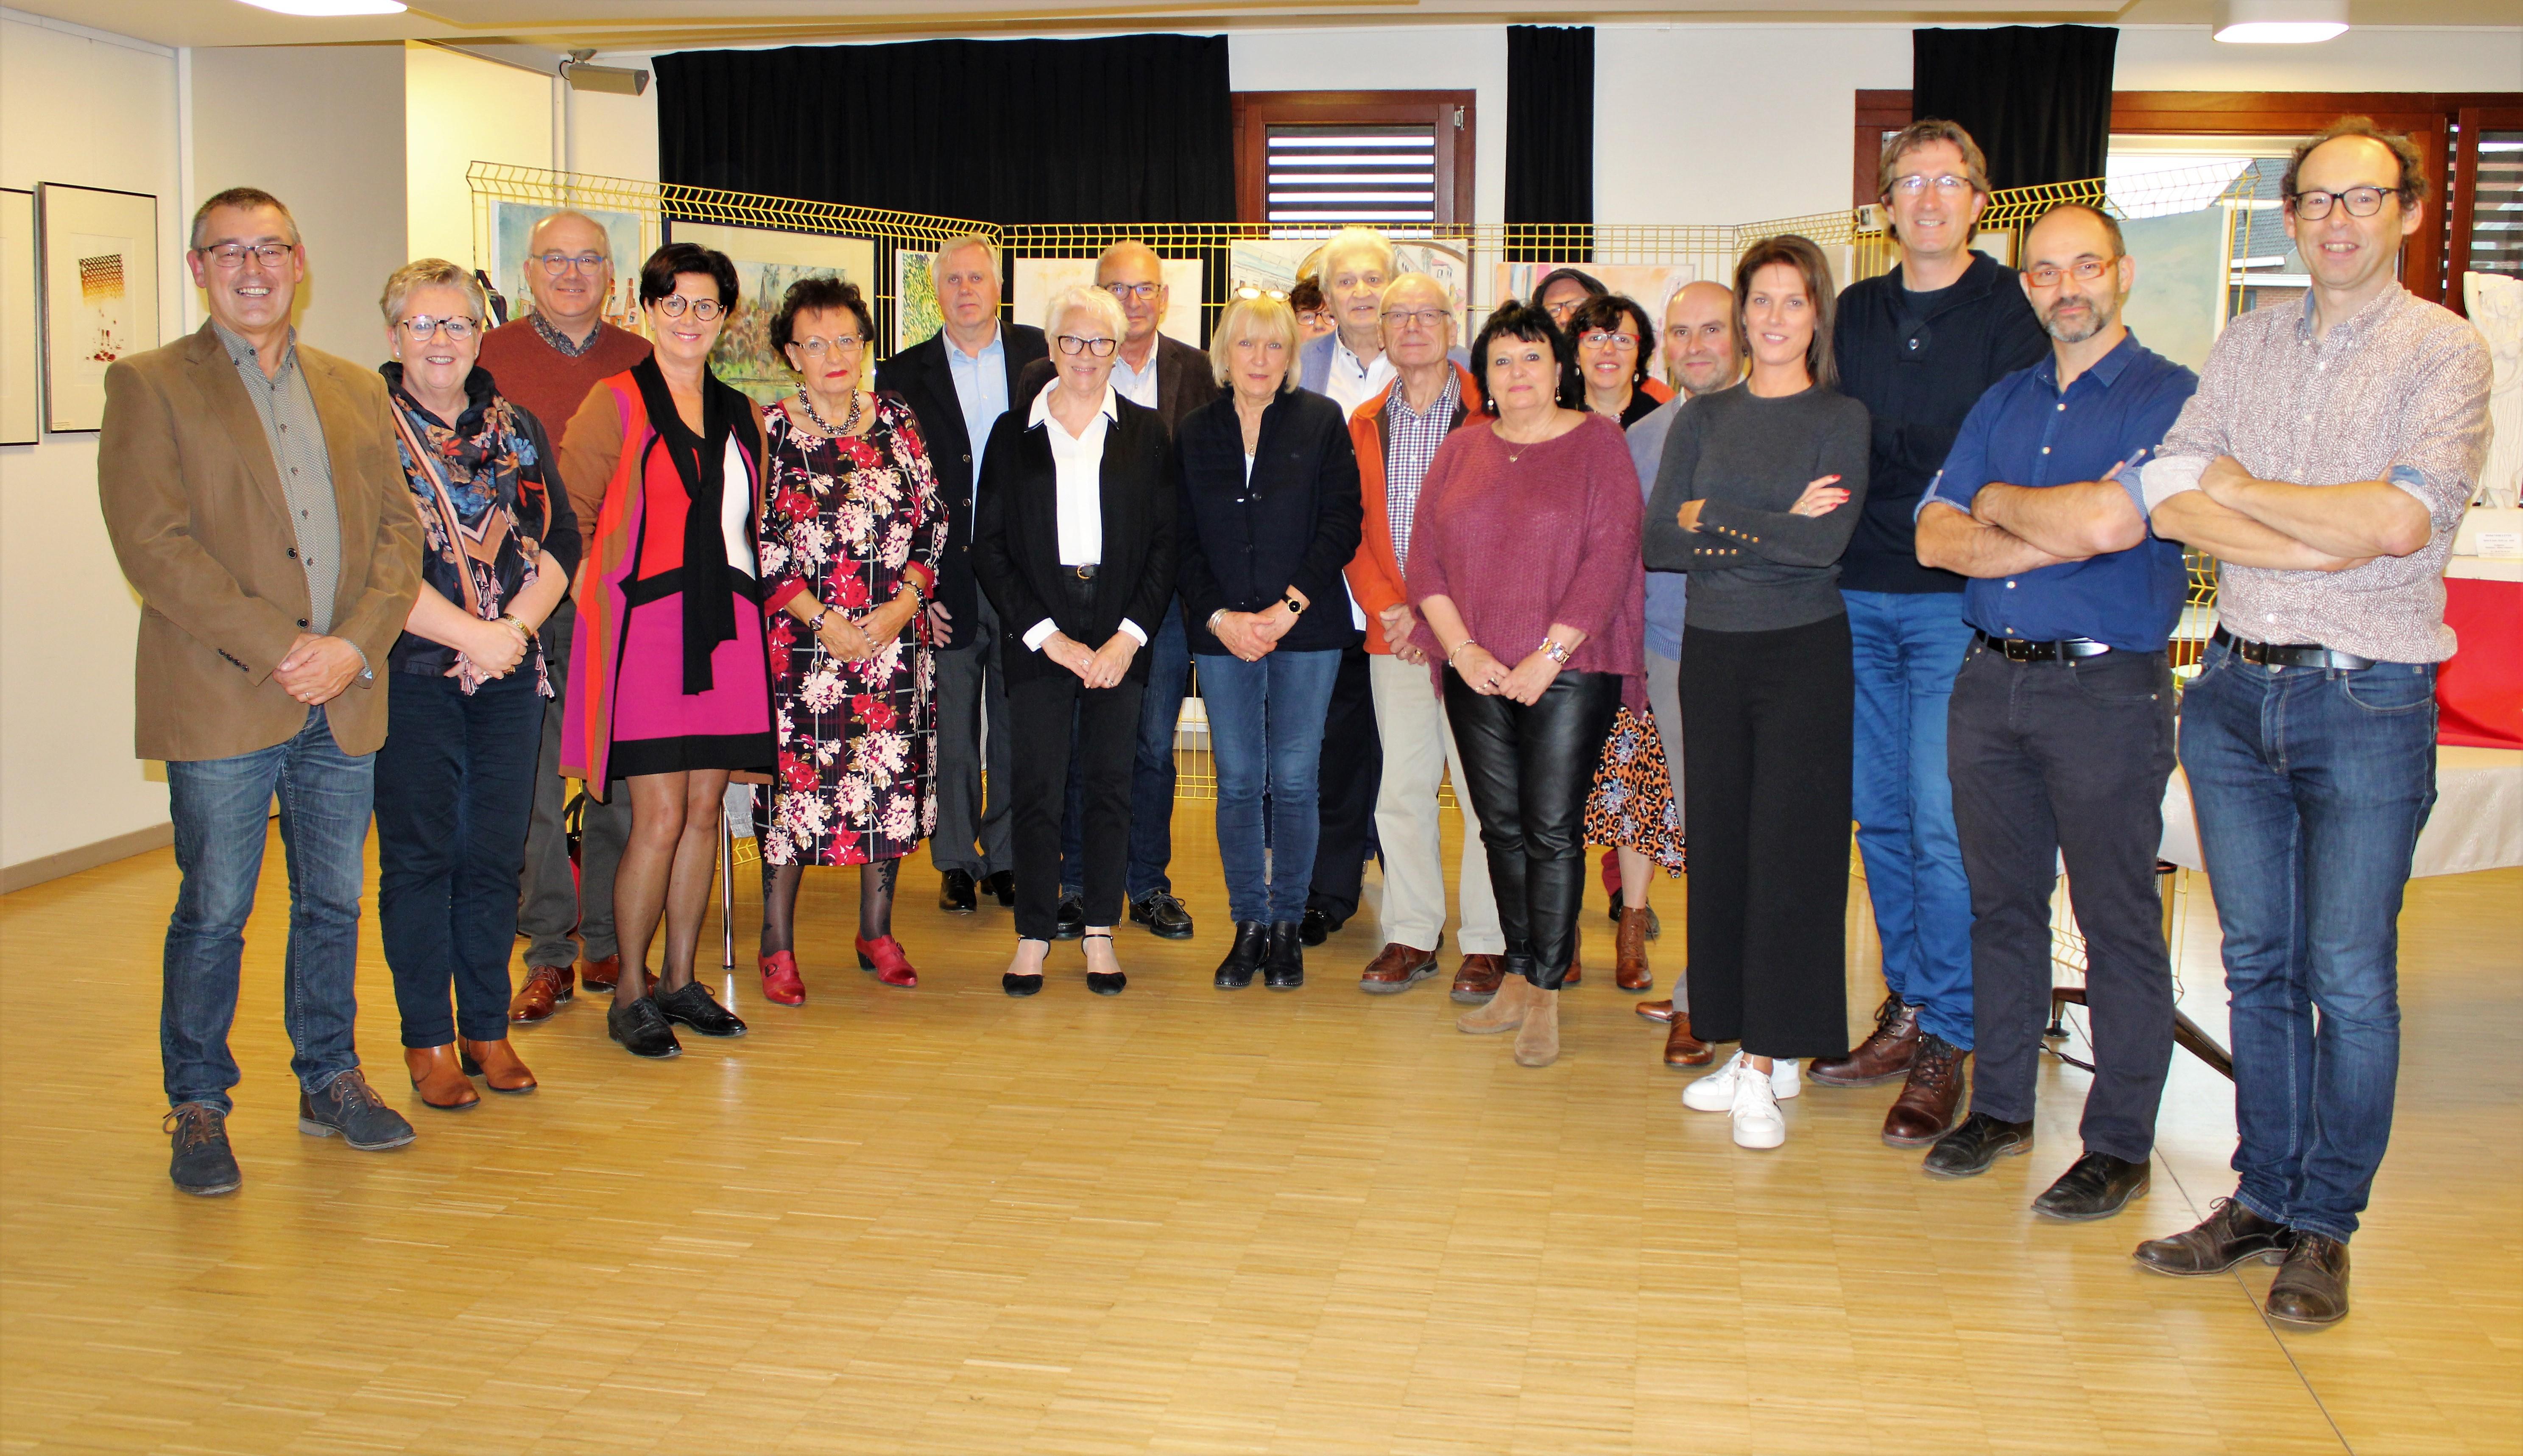 FOTO. Kunstenaars uit jumelagegemeente Audruicq  stellen tentoon in LDC De Ploeg